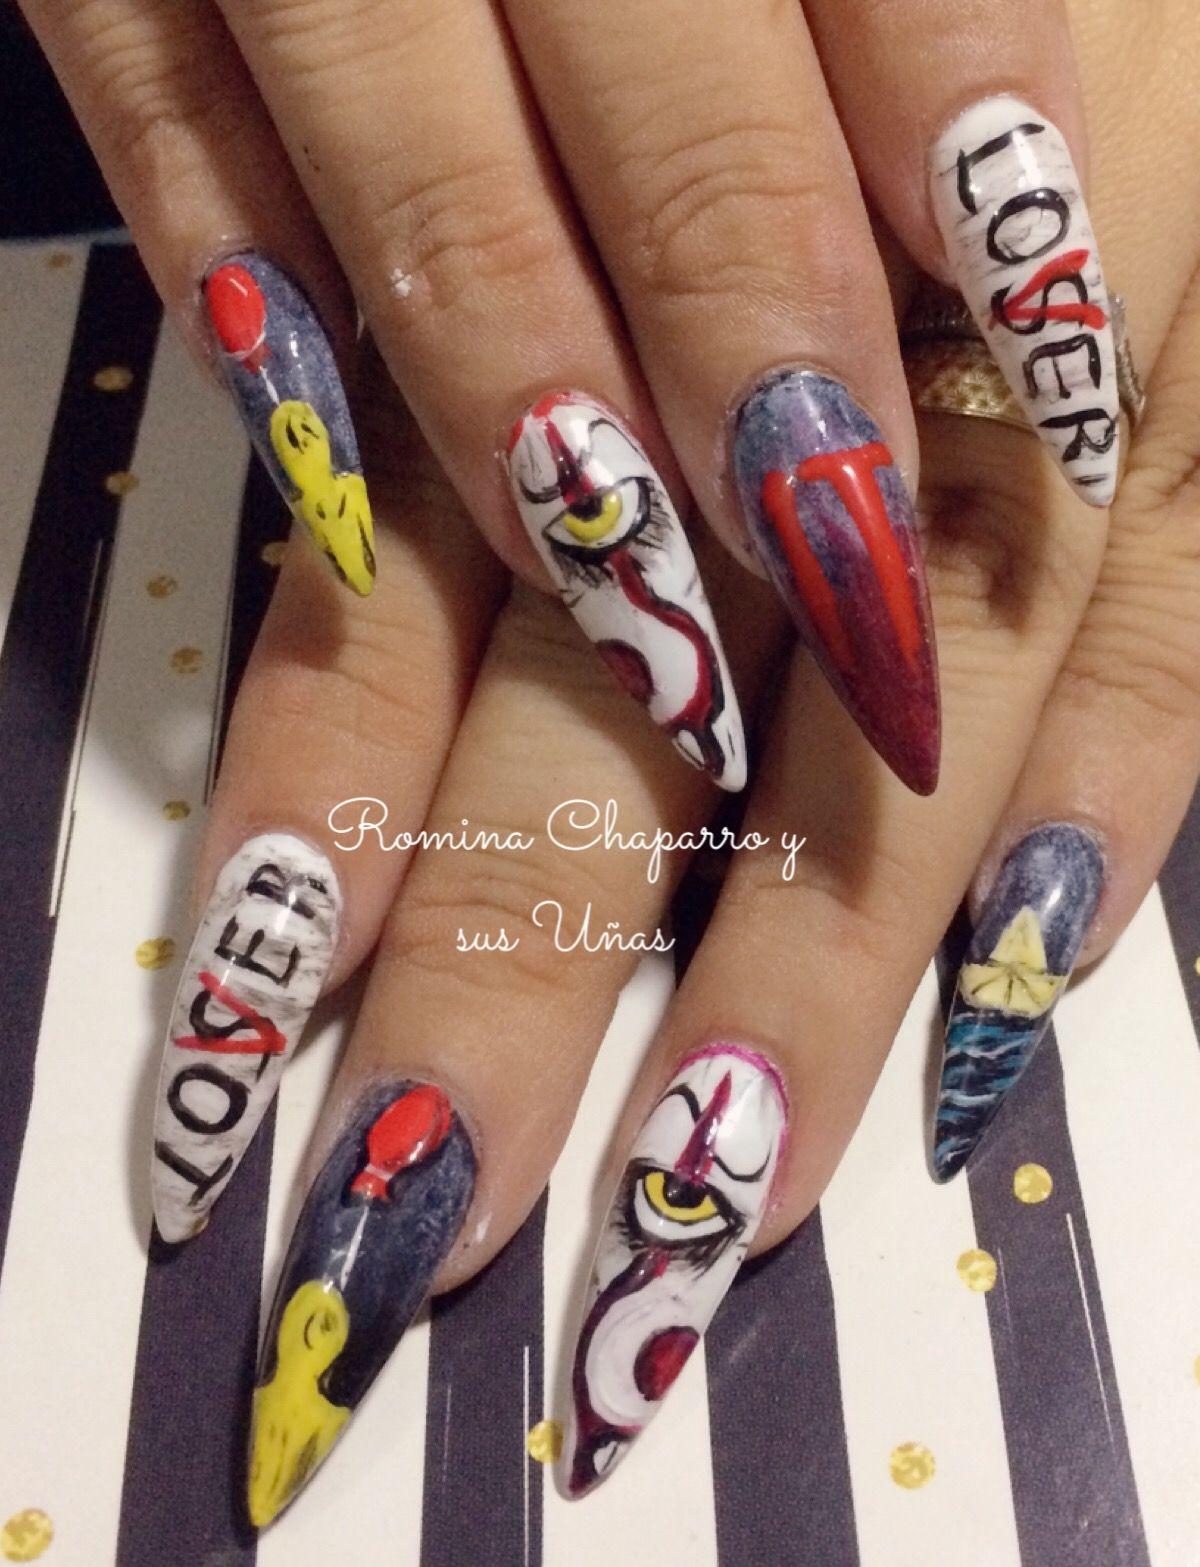 Eso 2020 Halloween Uñas del payaso eso, nails it en 2020 | Diseños de uñas halloween